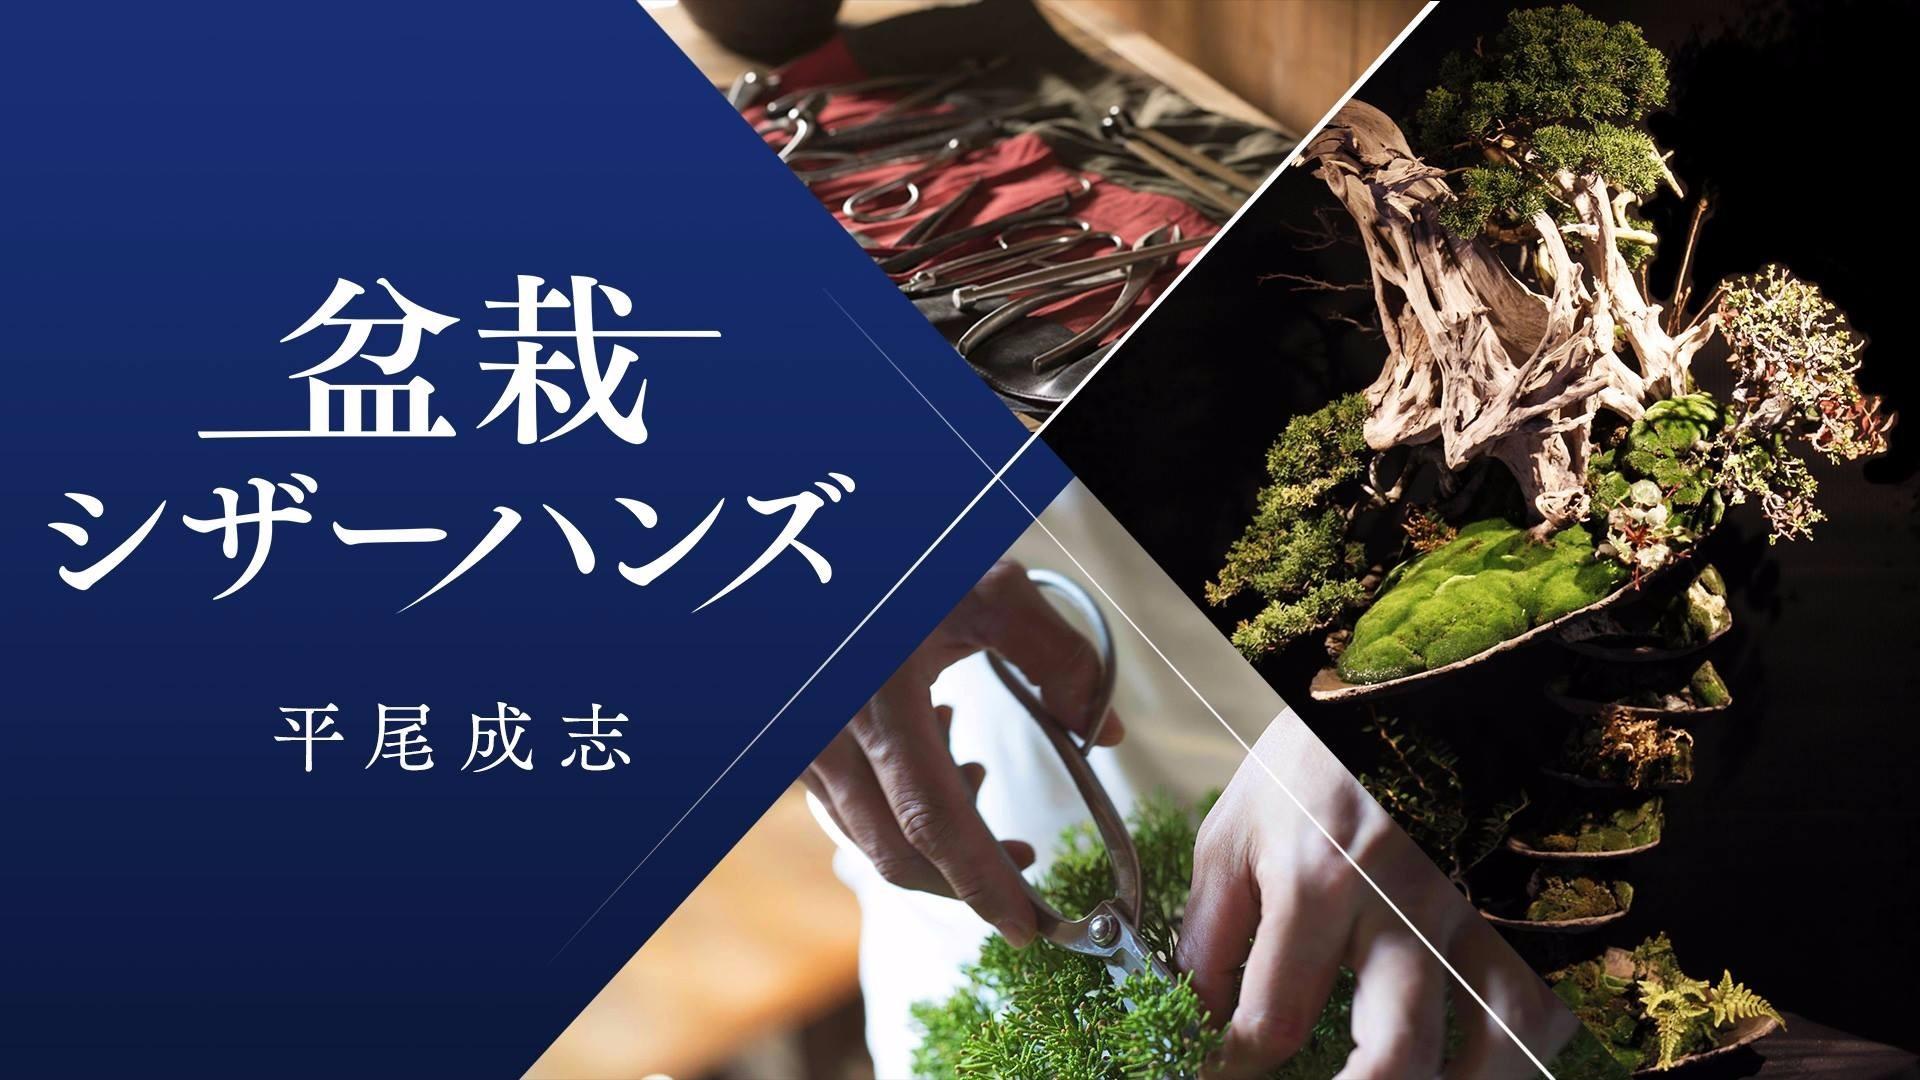 平尾成志(ひらおまさし) - 盆栽シザーハンズ - DMM オンラインサロン